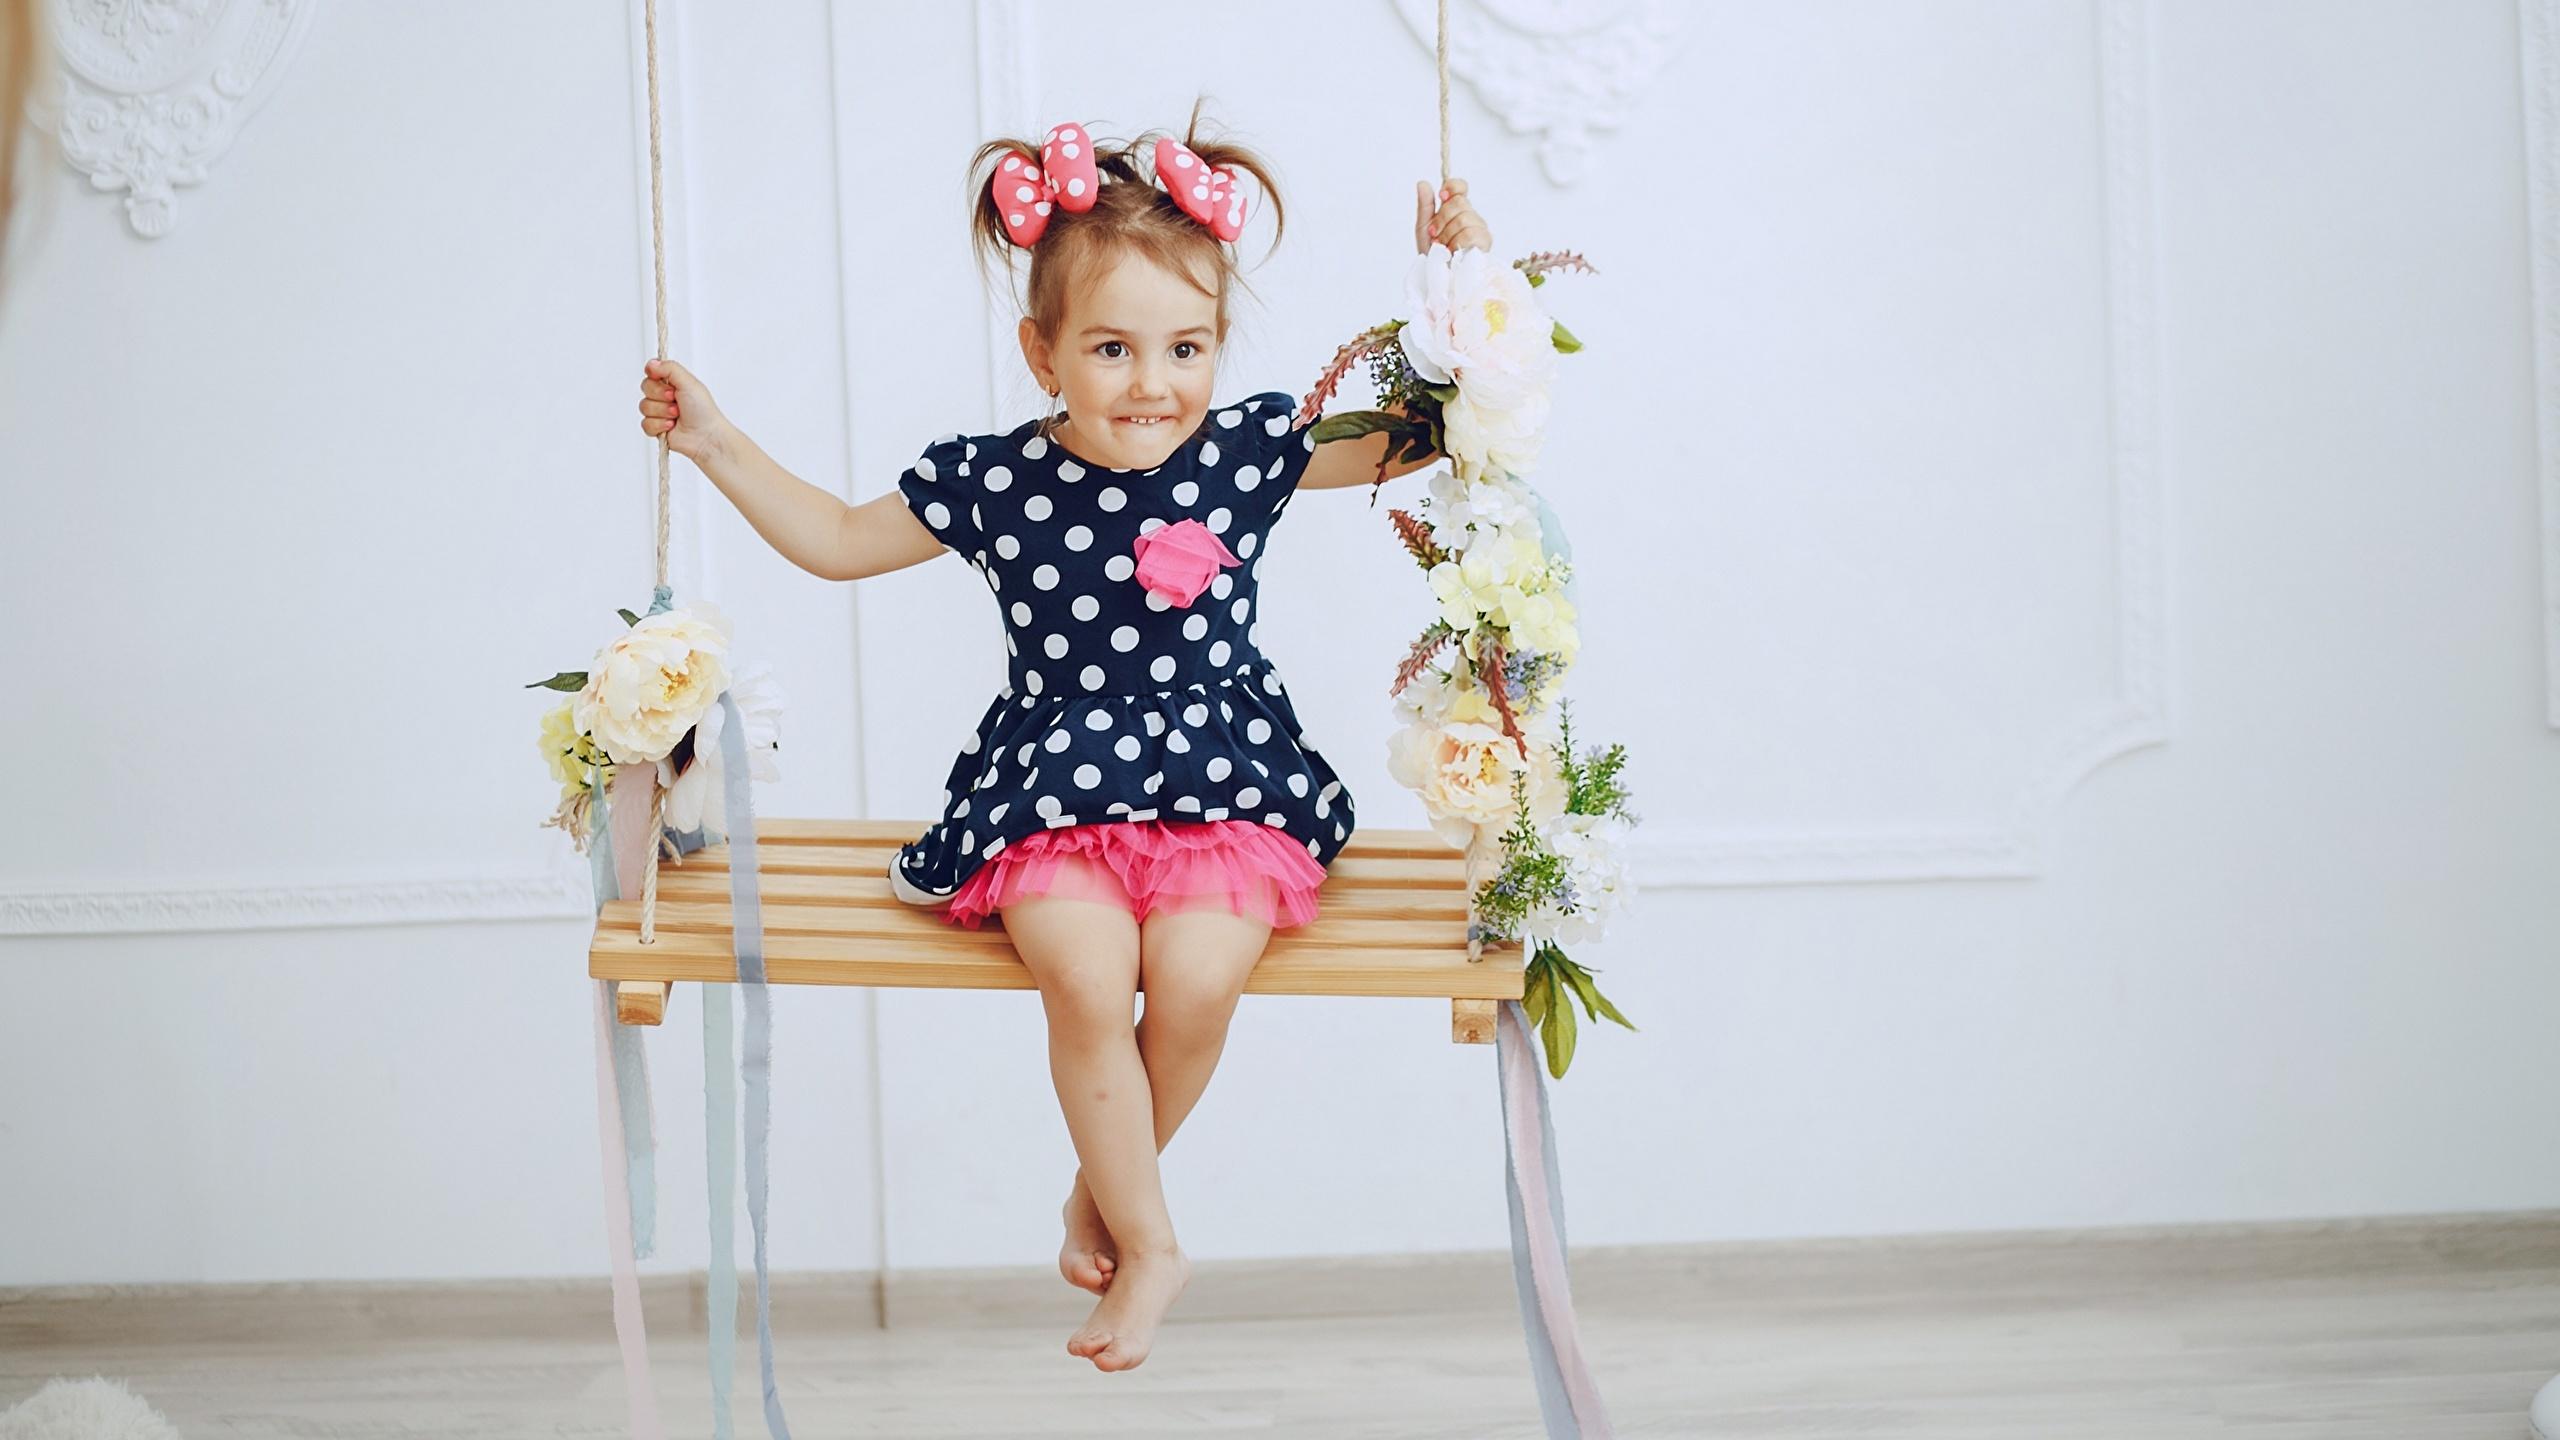 2560x1440  Balançoire Petites filles Les robes Enfants